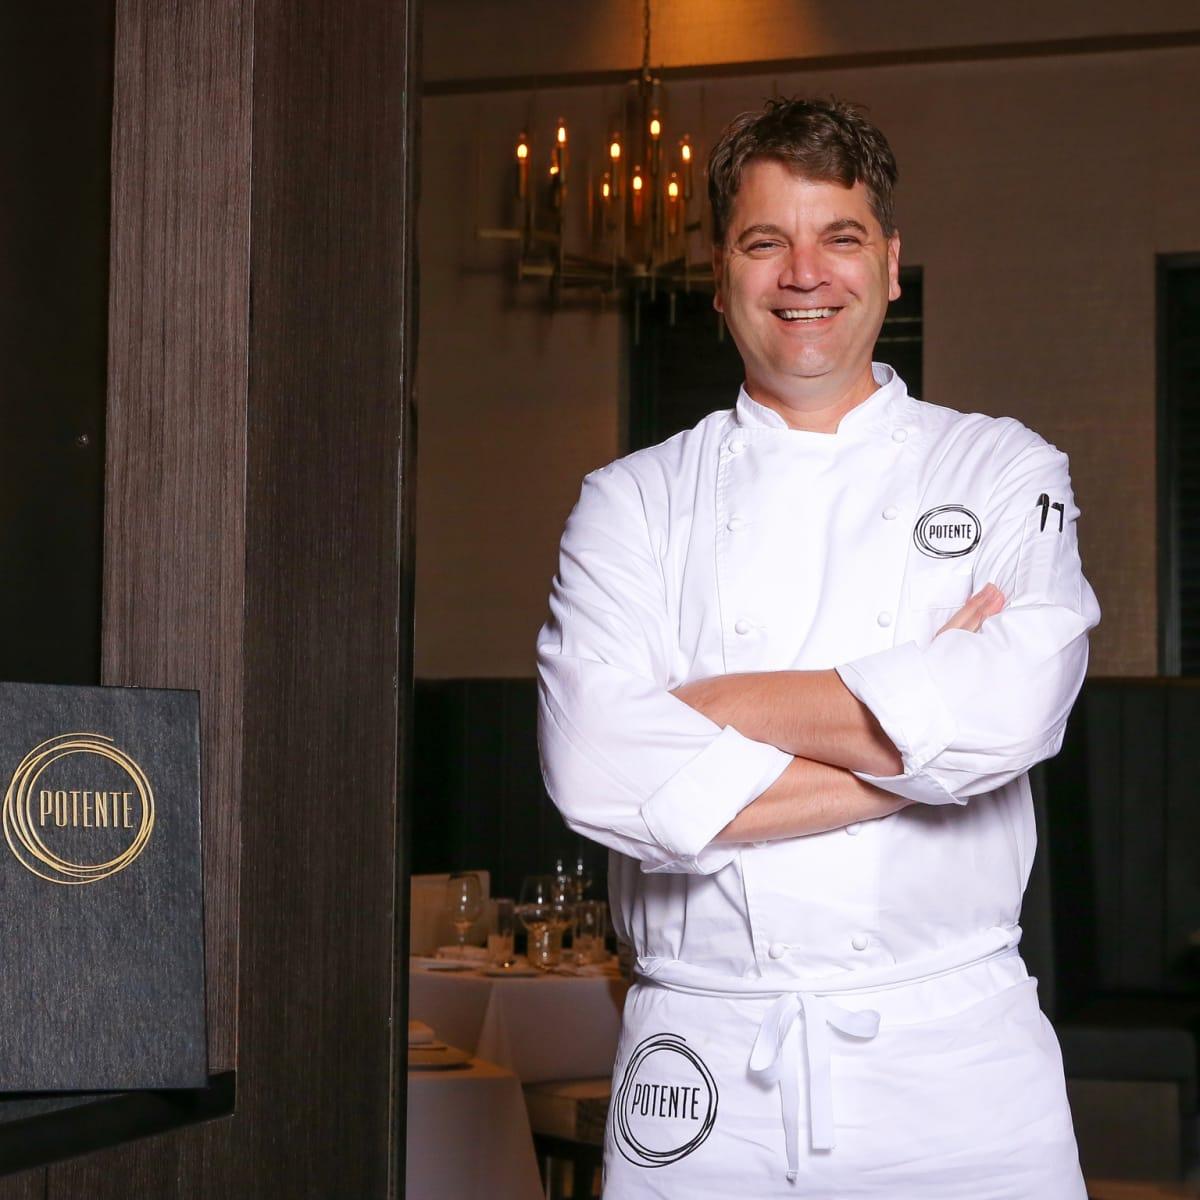 Danny Trace Potente chef